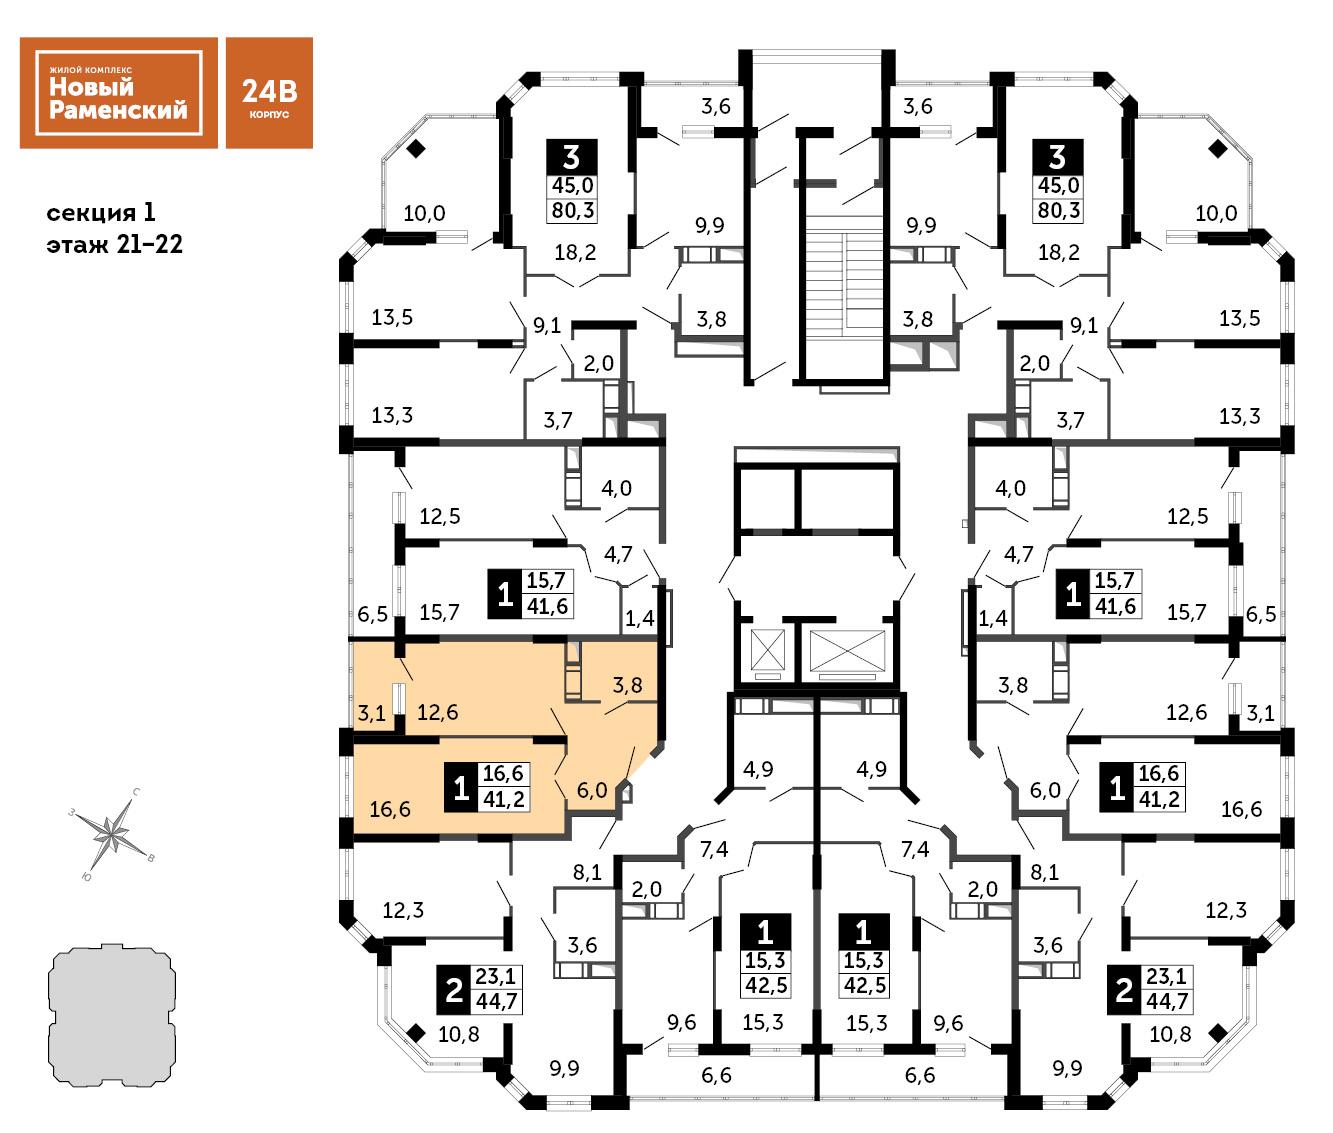 1-комнатная квартира, 41.2м² за 3,3 млн руб.